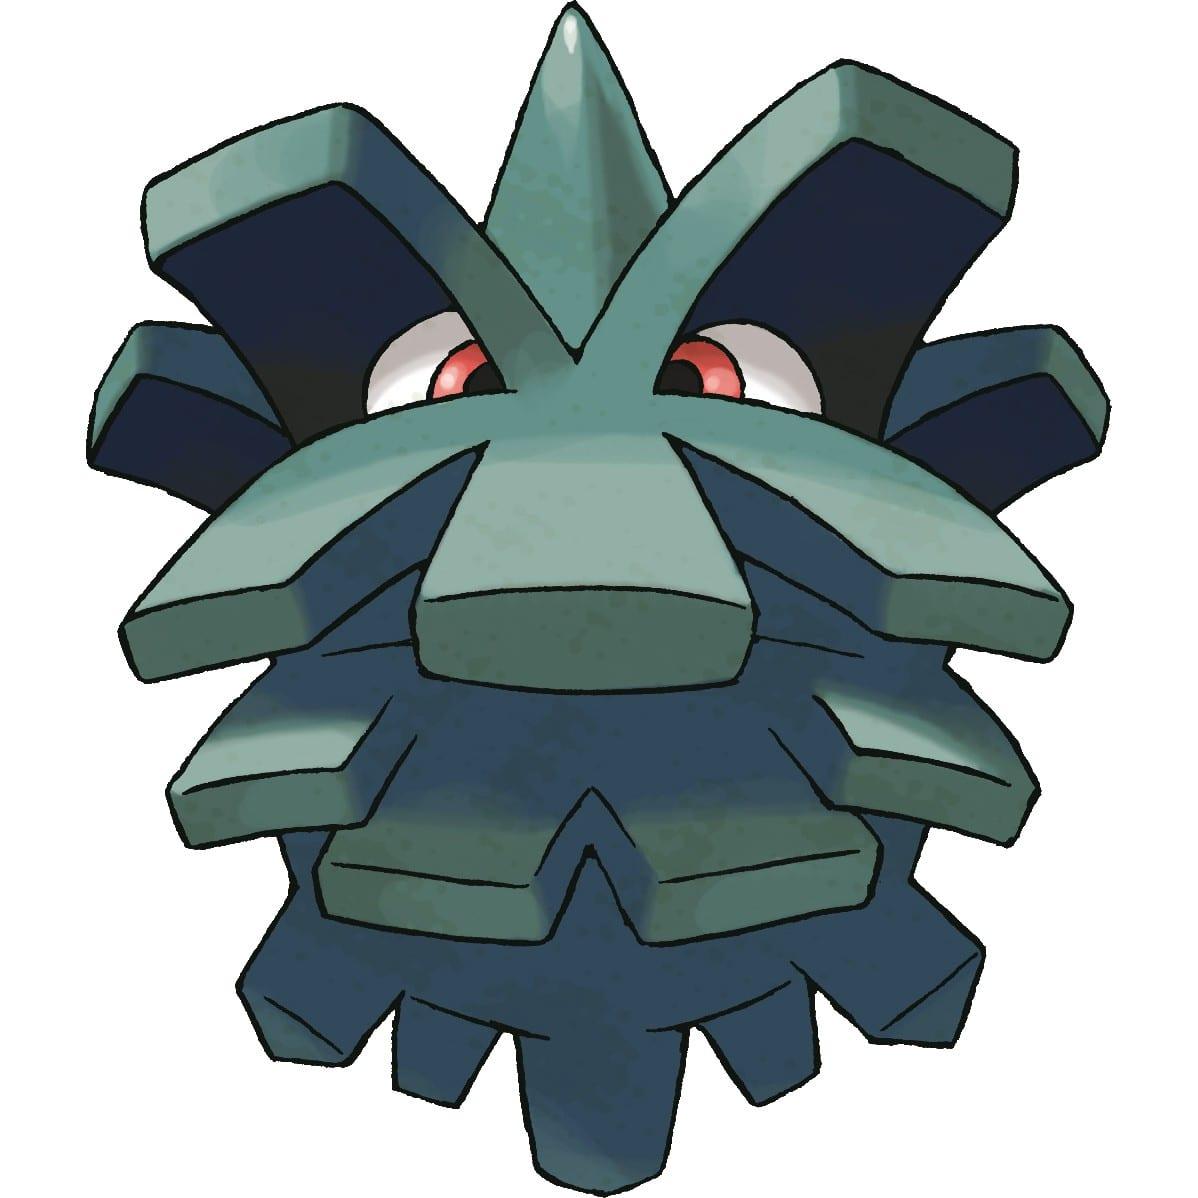 【攻略】Pokemon GO 榛果球圖鑑 榛果球在哪抓